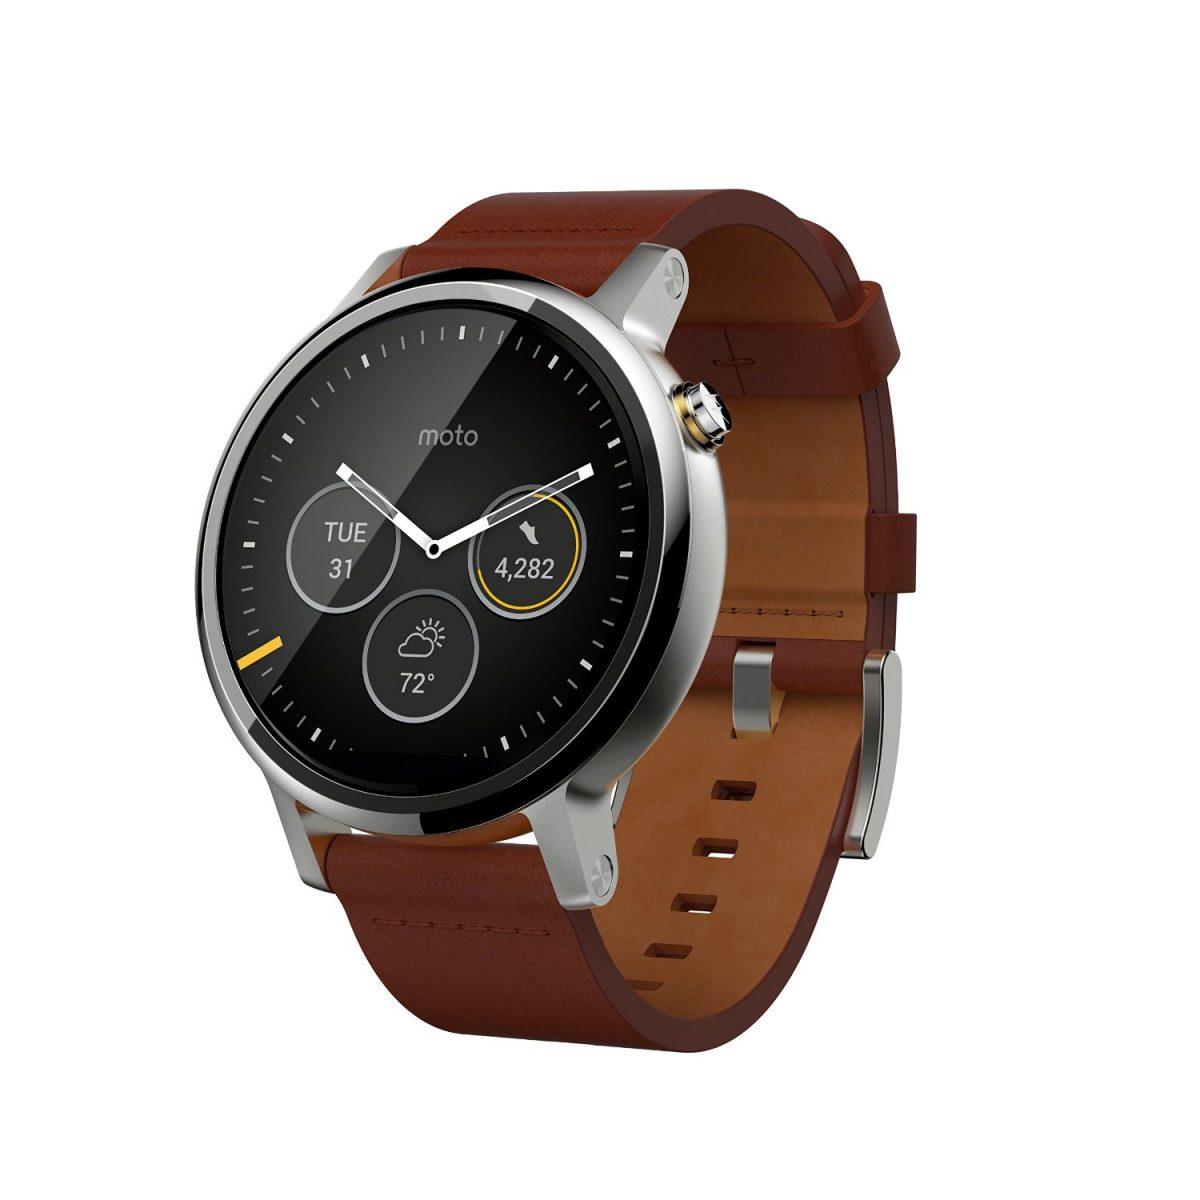 Motorola große Osteraktion mit vielen Angeboten 3